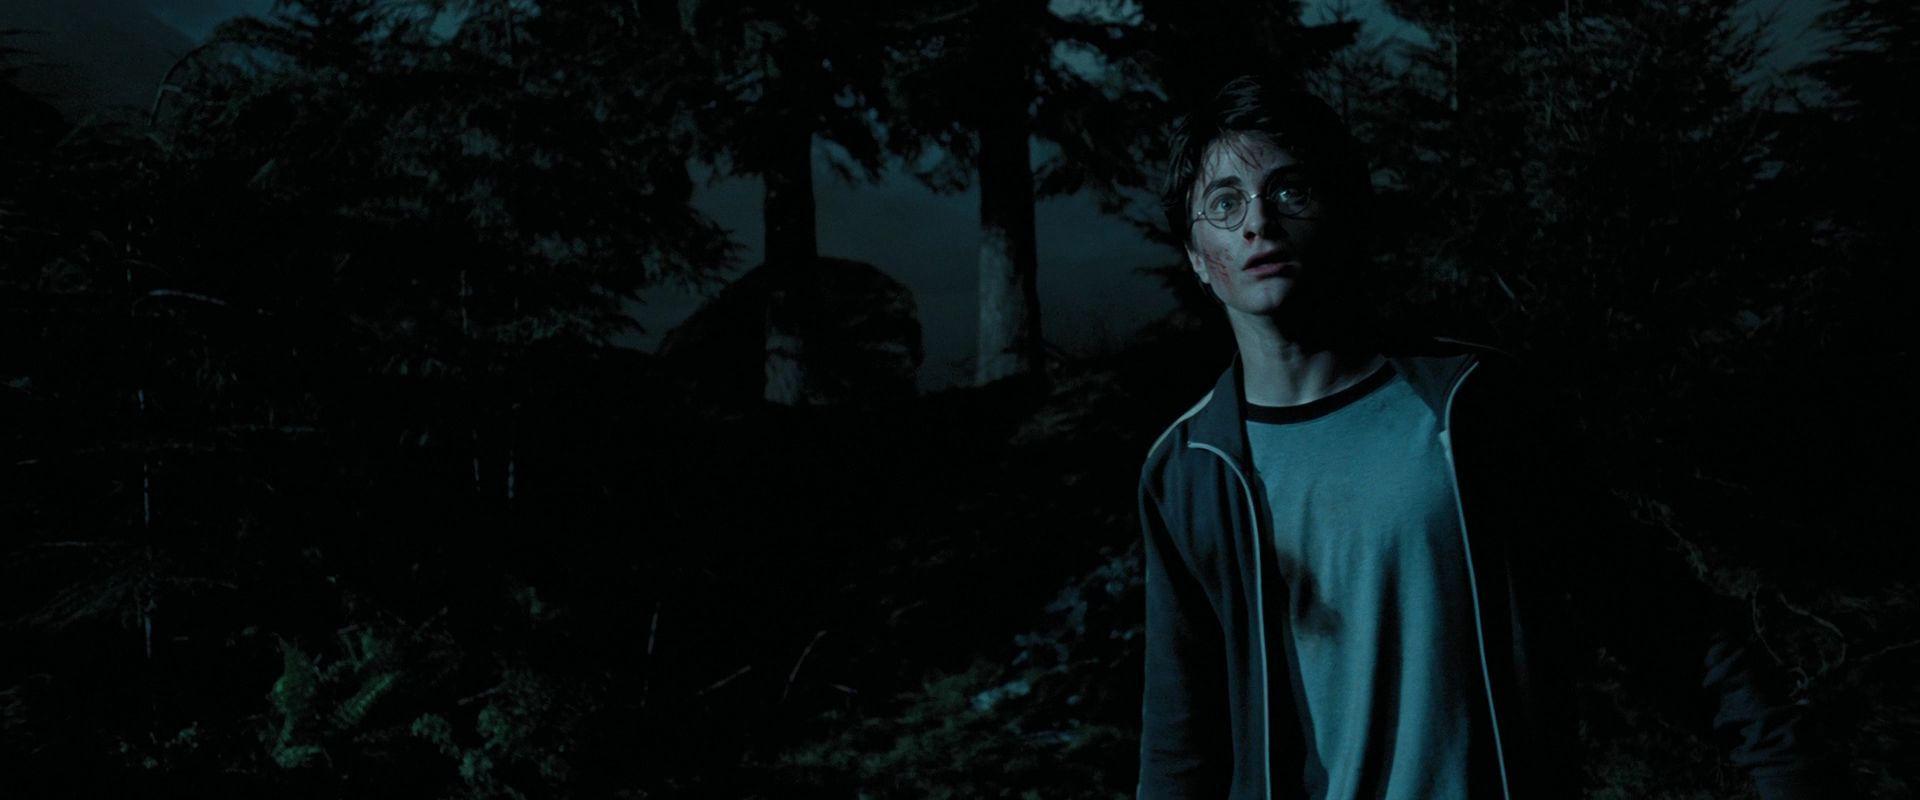 Harry Potter And The Prisoner Of Azkaban - Harry Potter ...